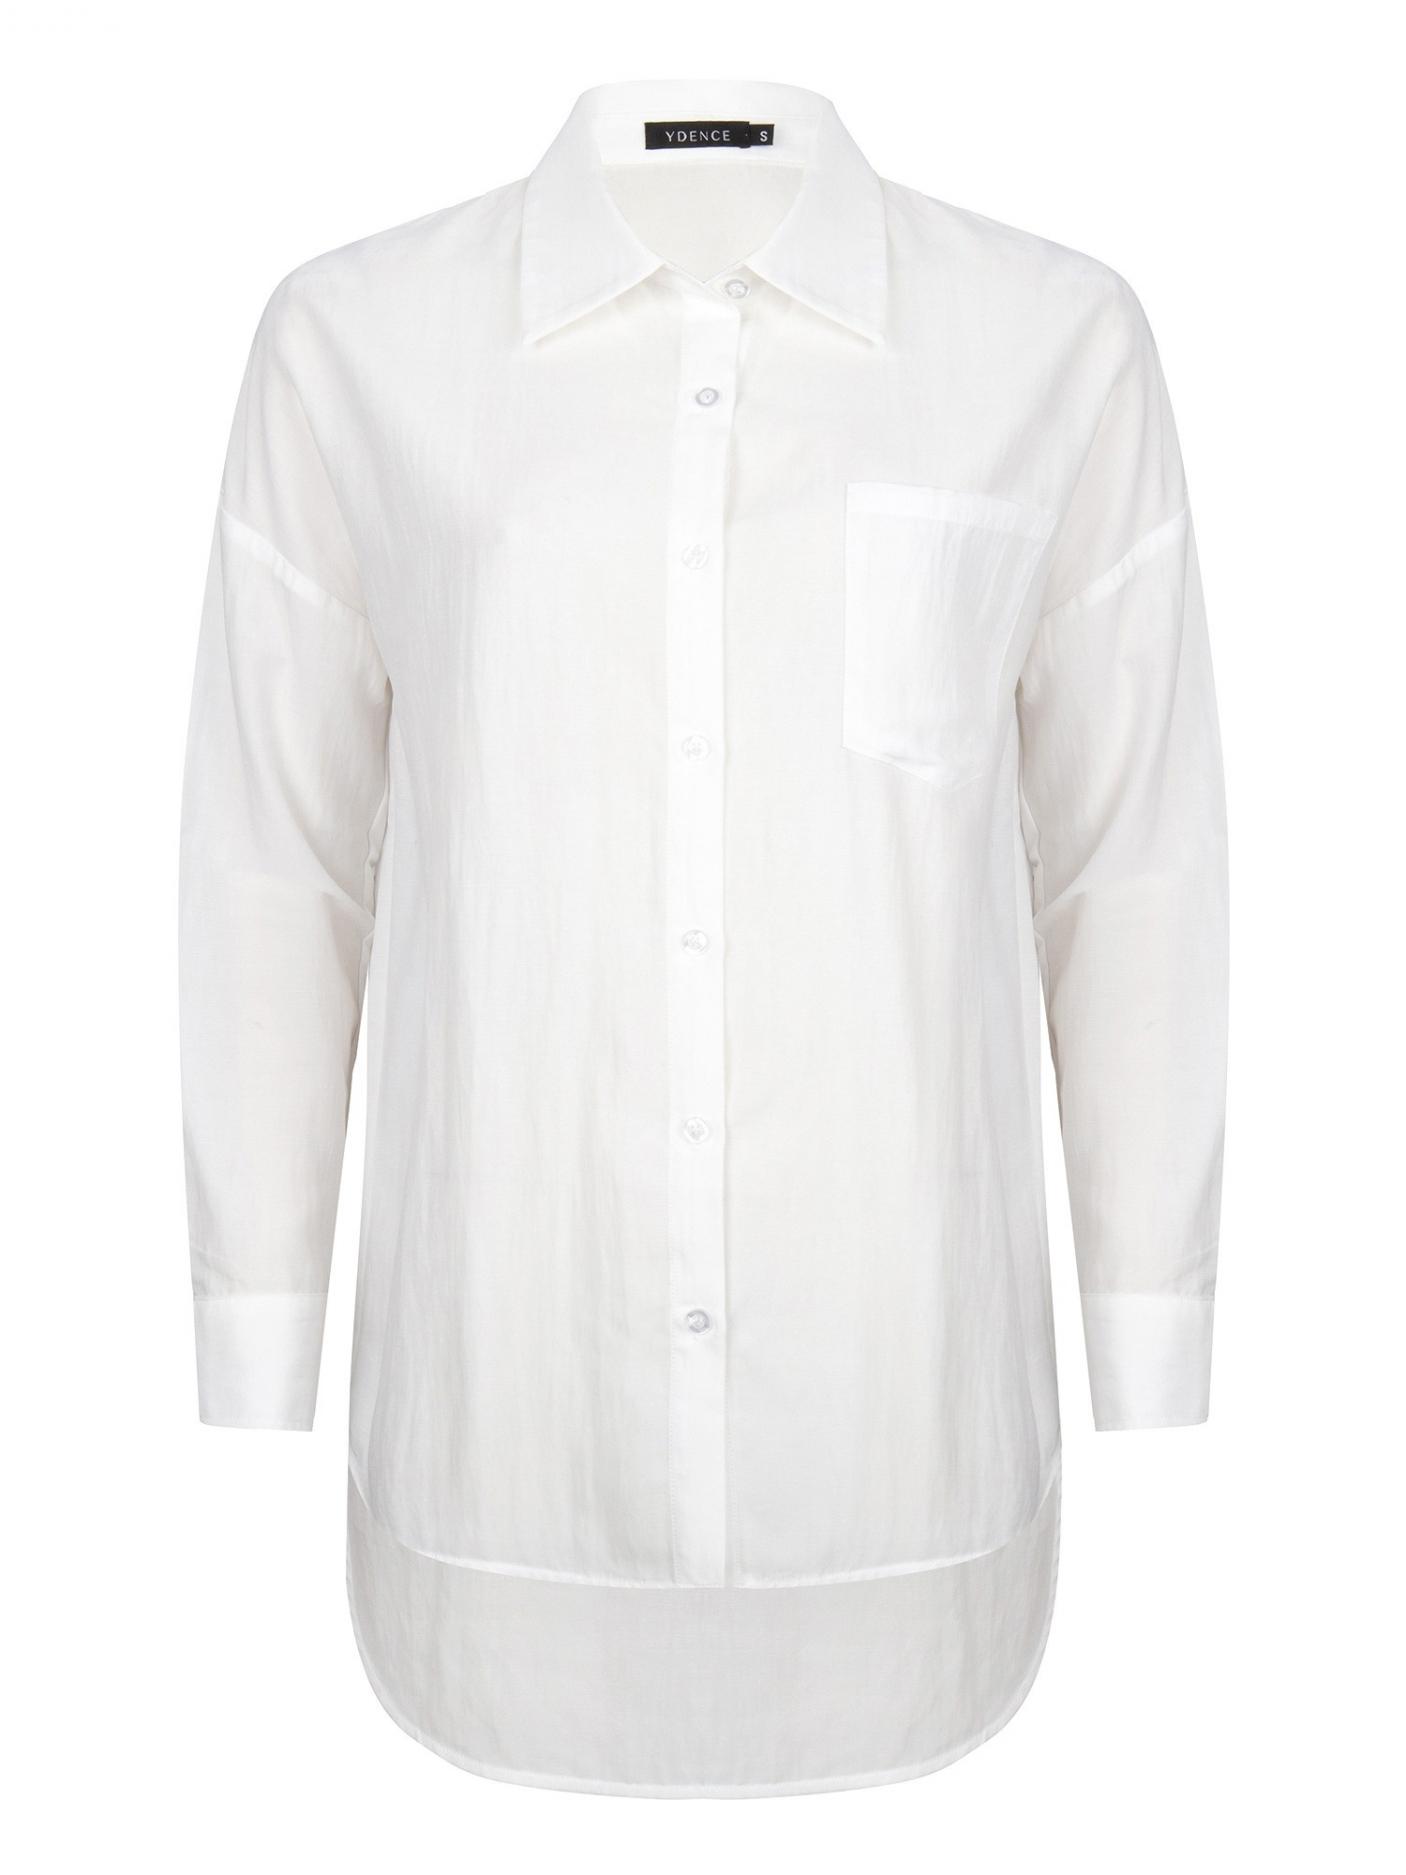 Amaya blouse